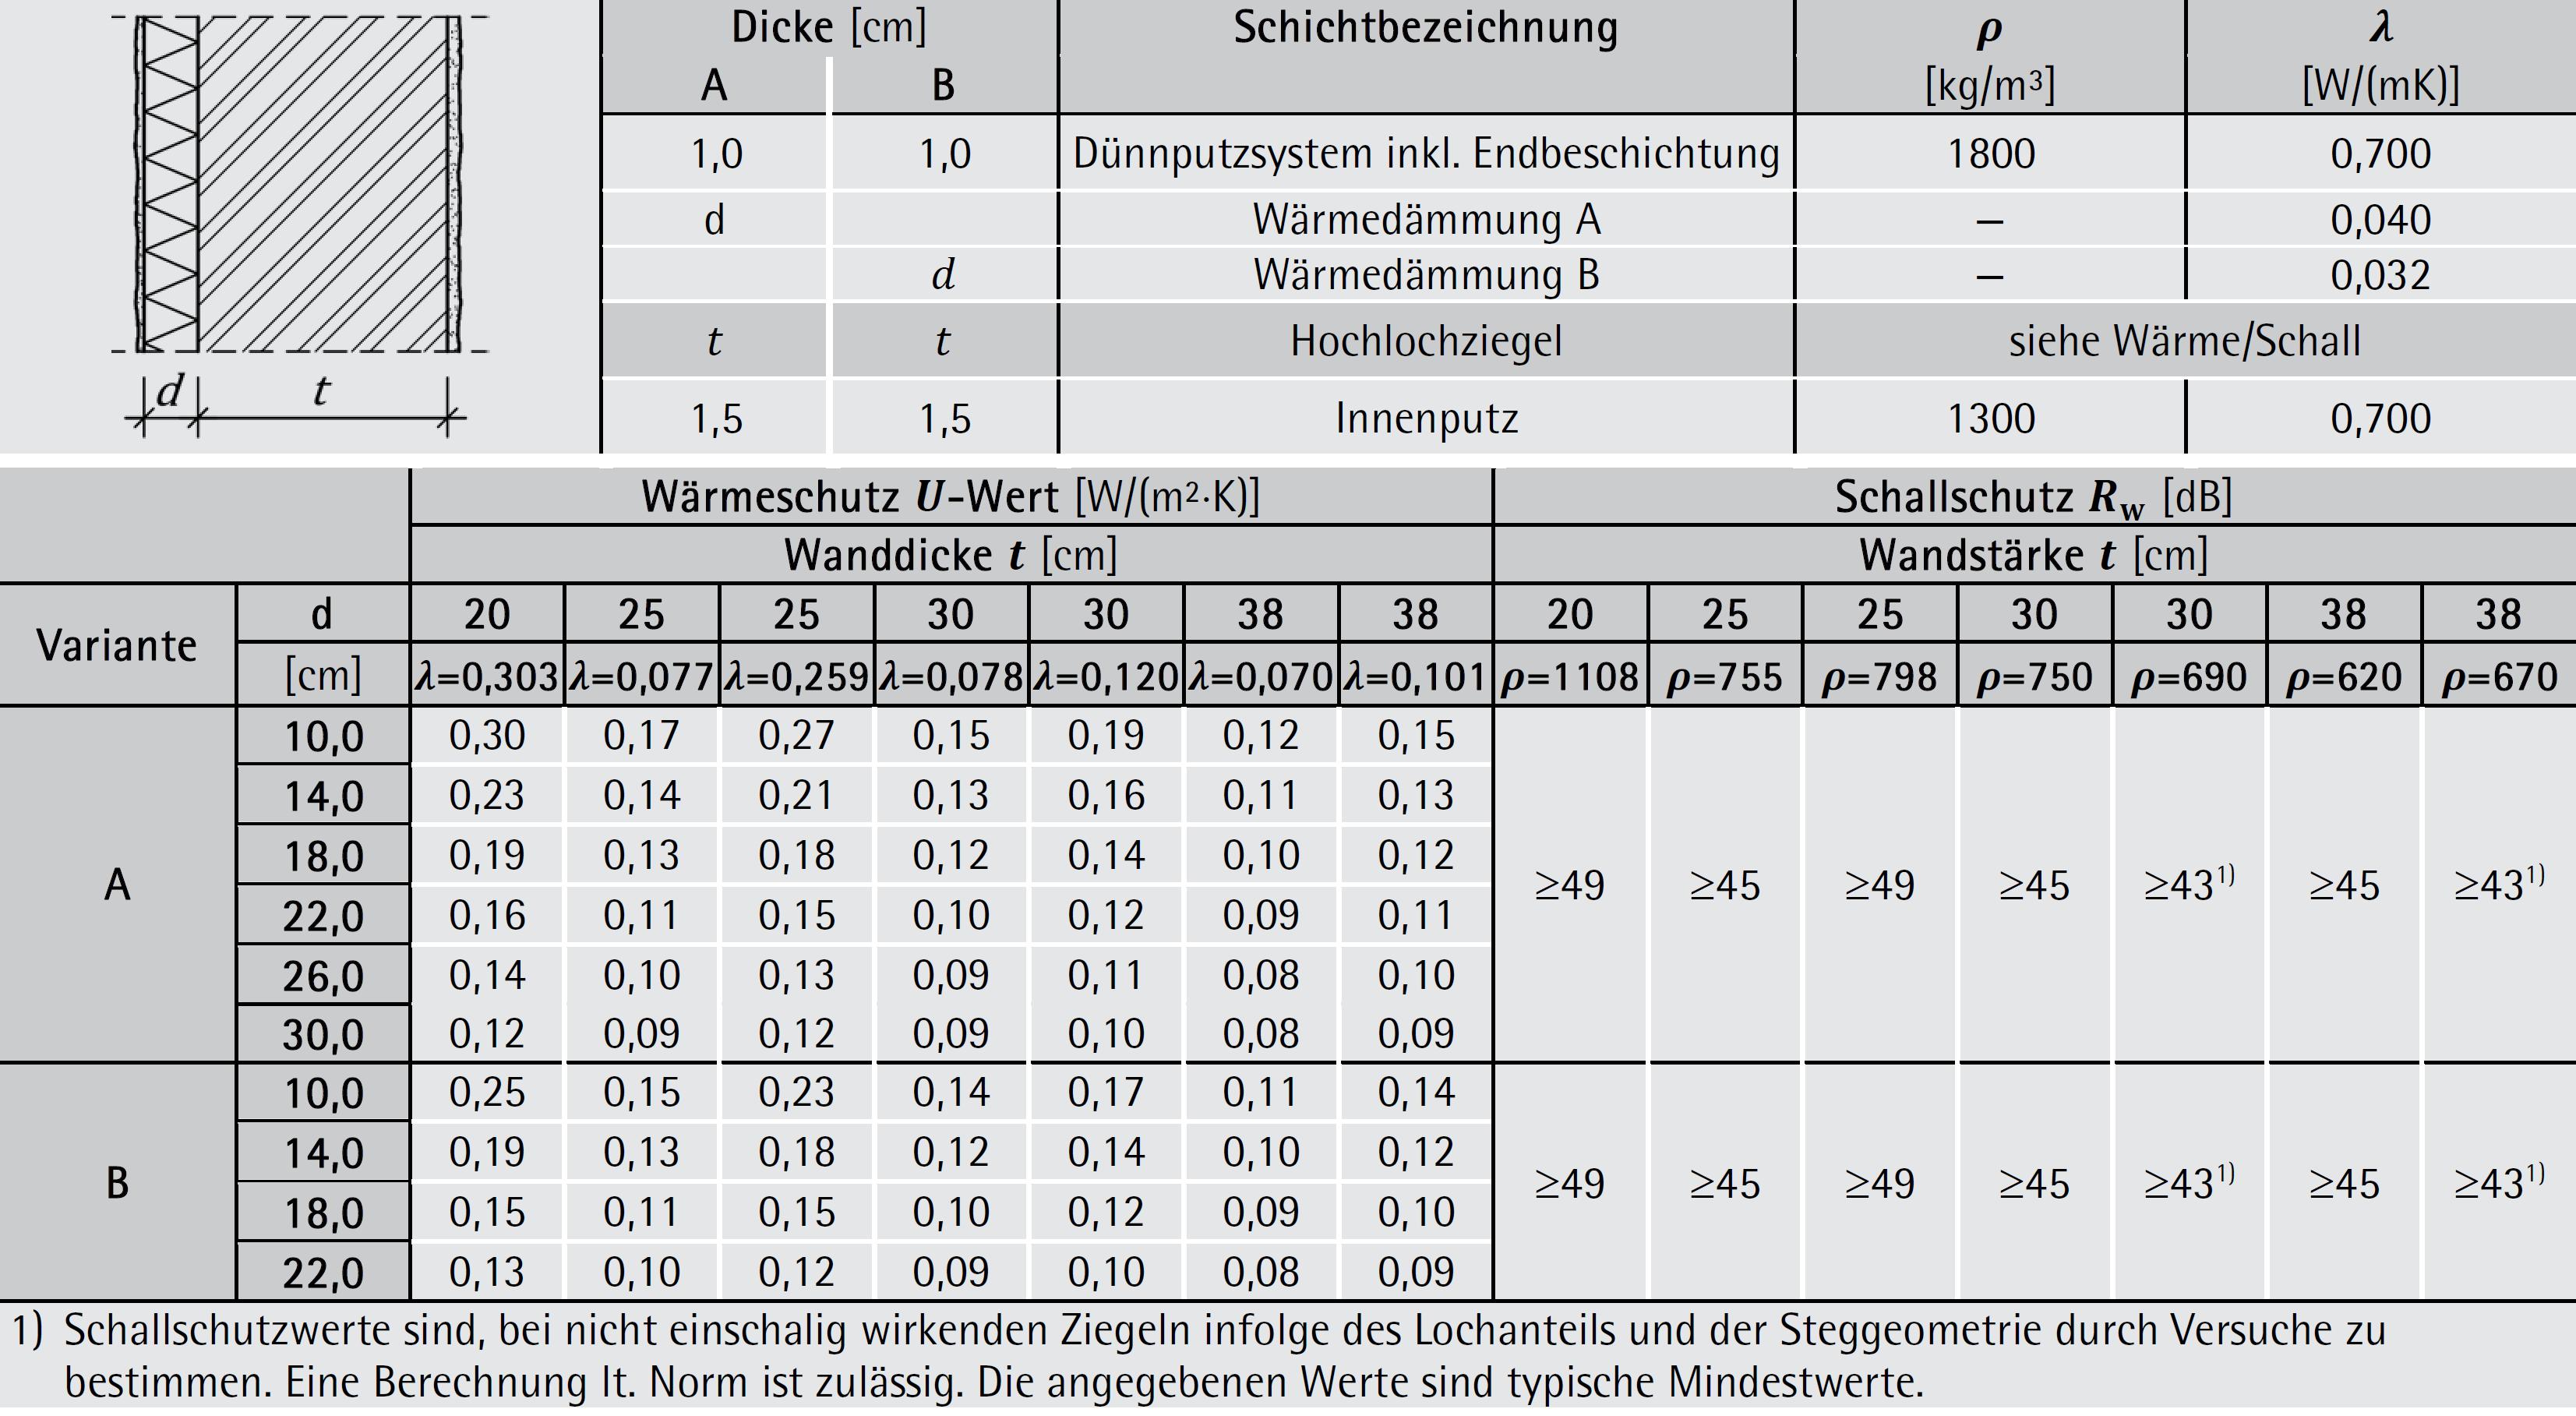 Tabelle 7-14: Aufbau, Wärme- und Schallschutz – Ziegel-Außenwand mit WDVS